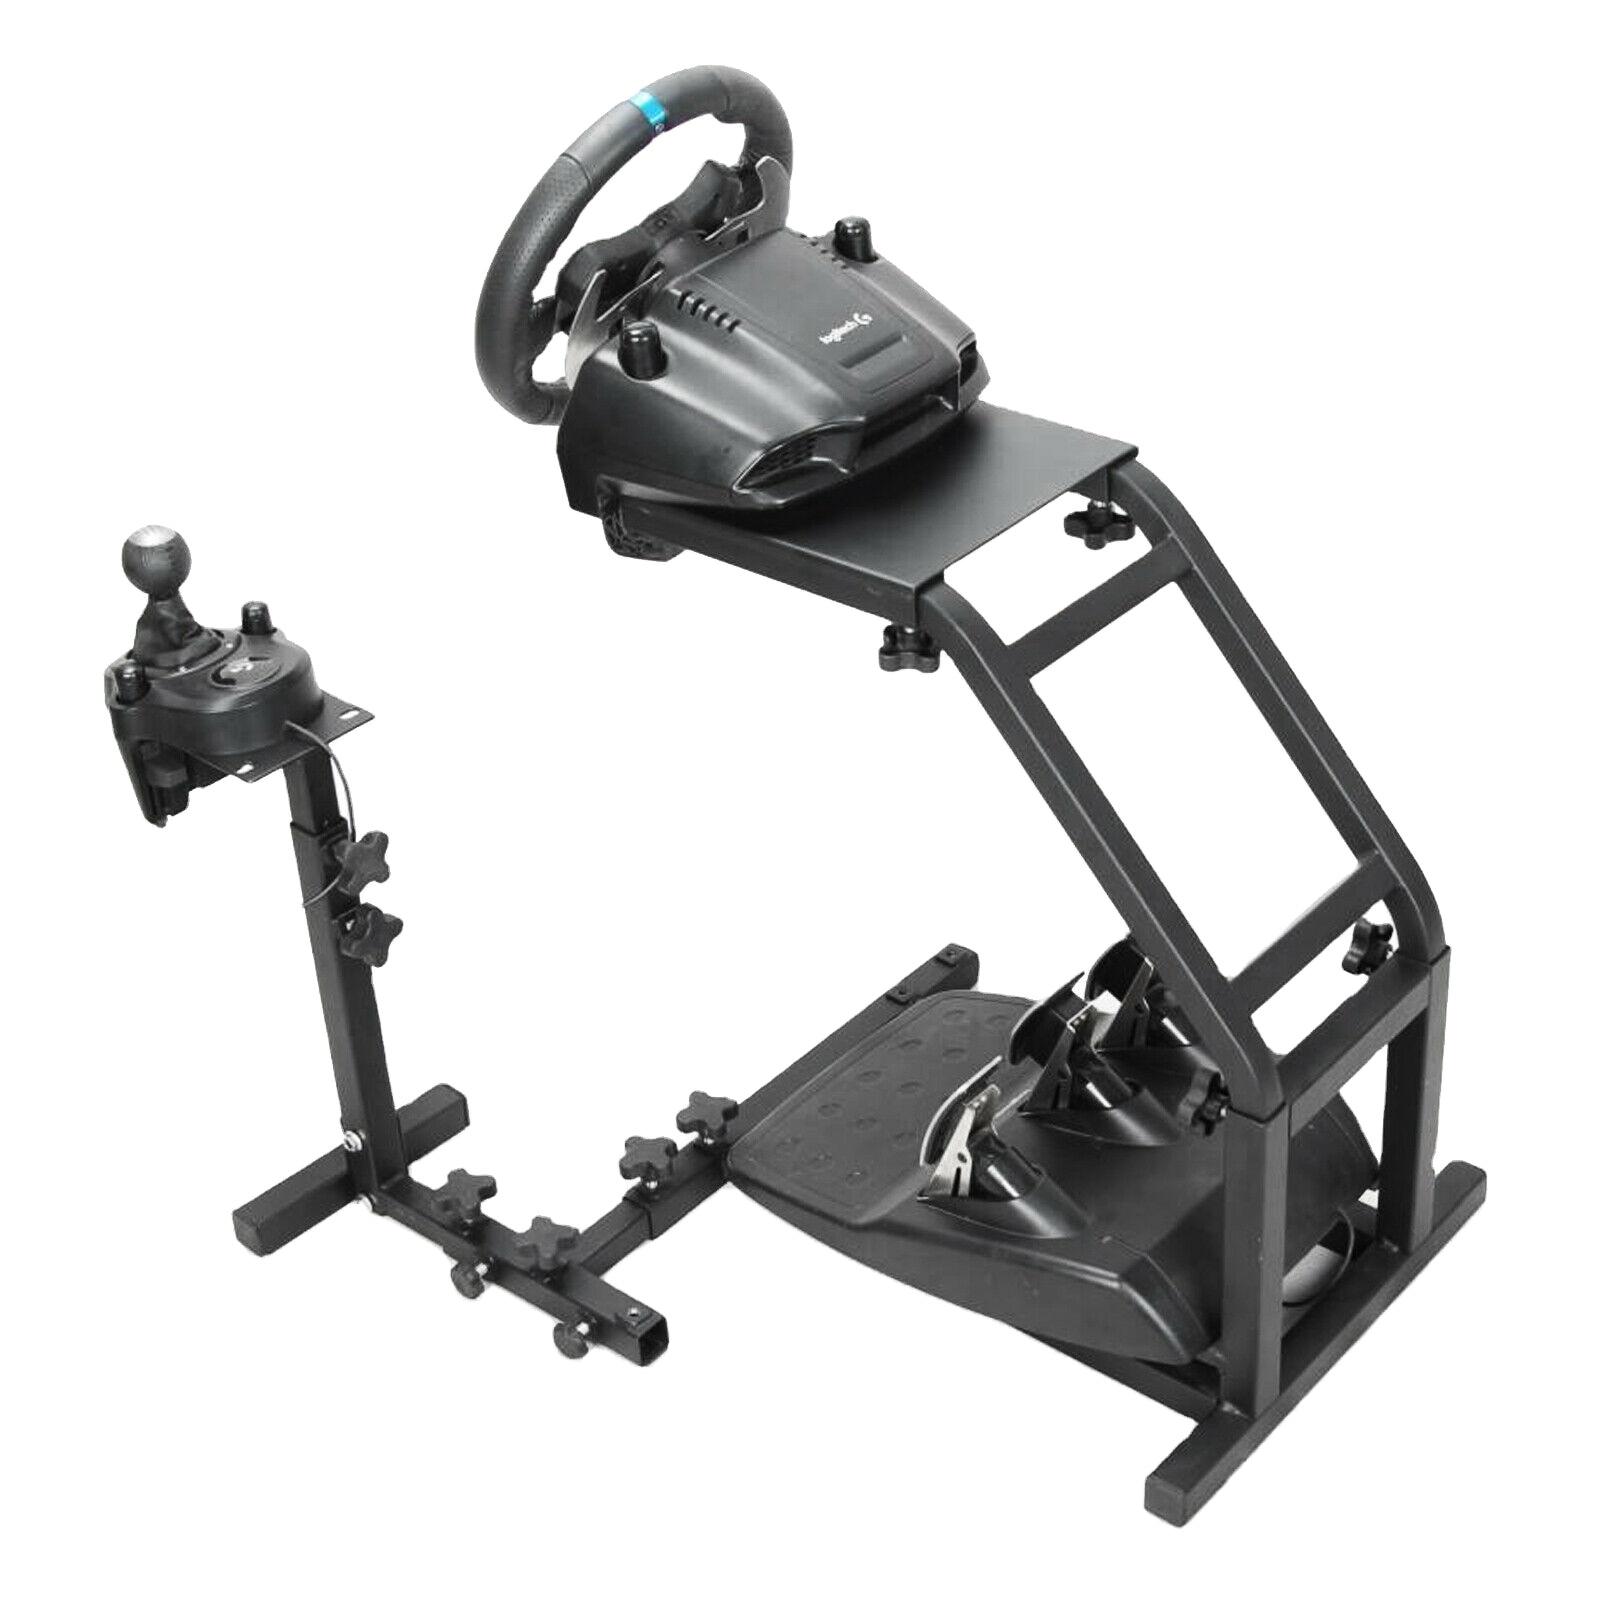 الألعاب سباق محاكاة عجلة القيادة حامل ل G27 G29 PS4 G25 T300RS T80 لعبة عجلة القيادة